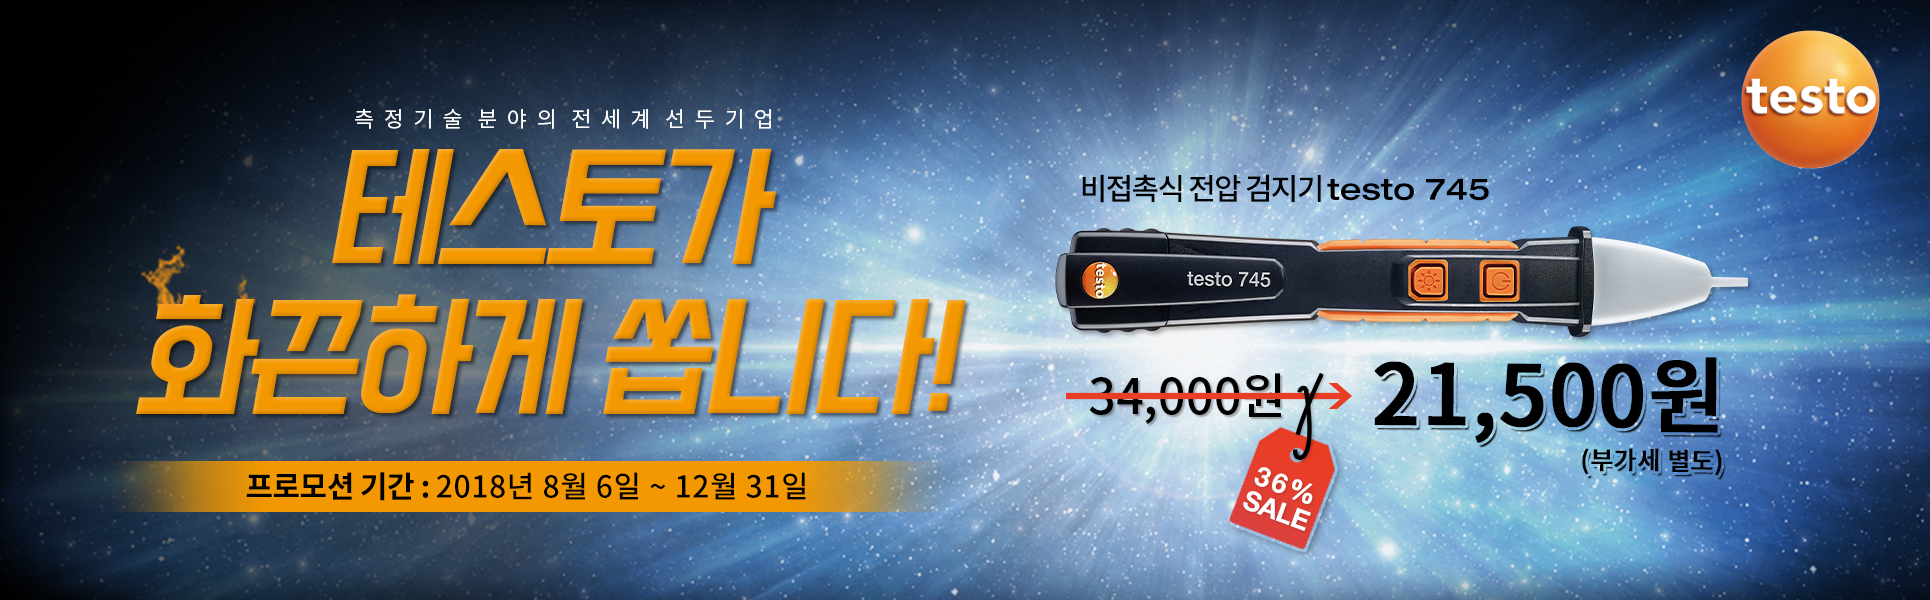 첨부2. testo-745-promotion-banner.png